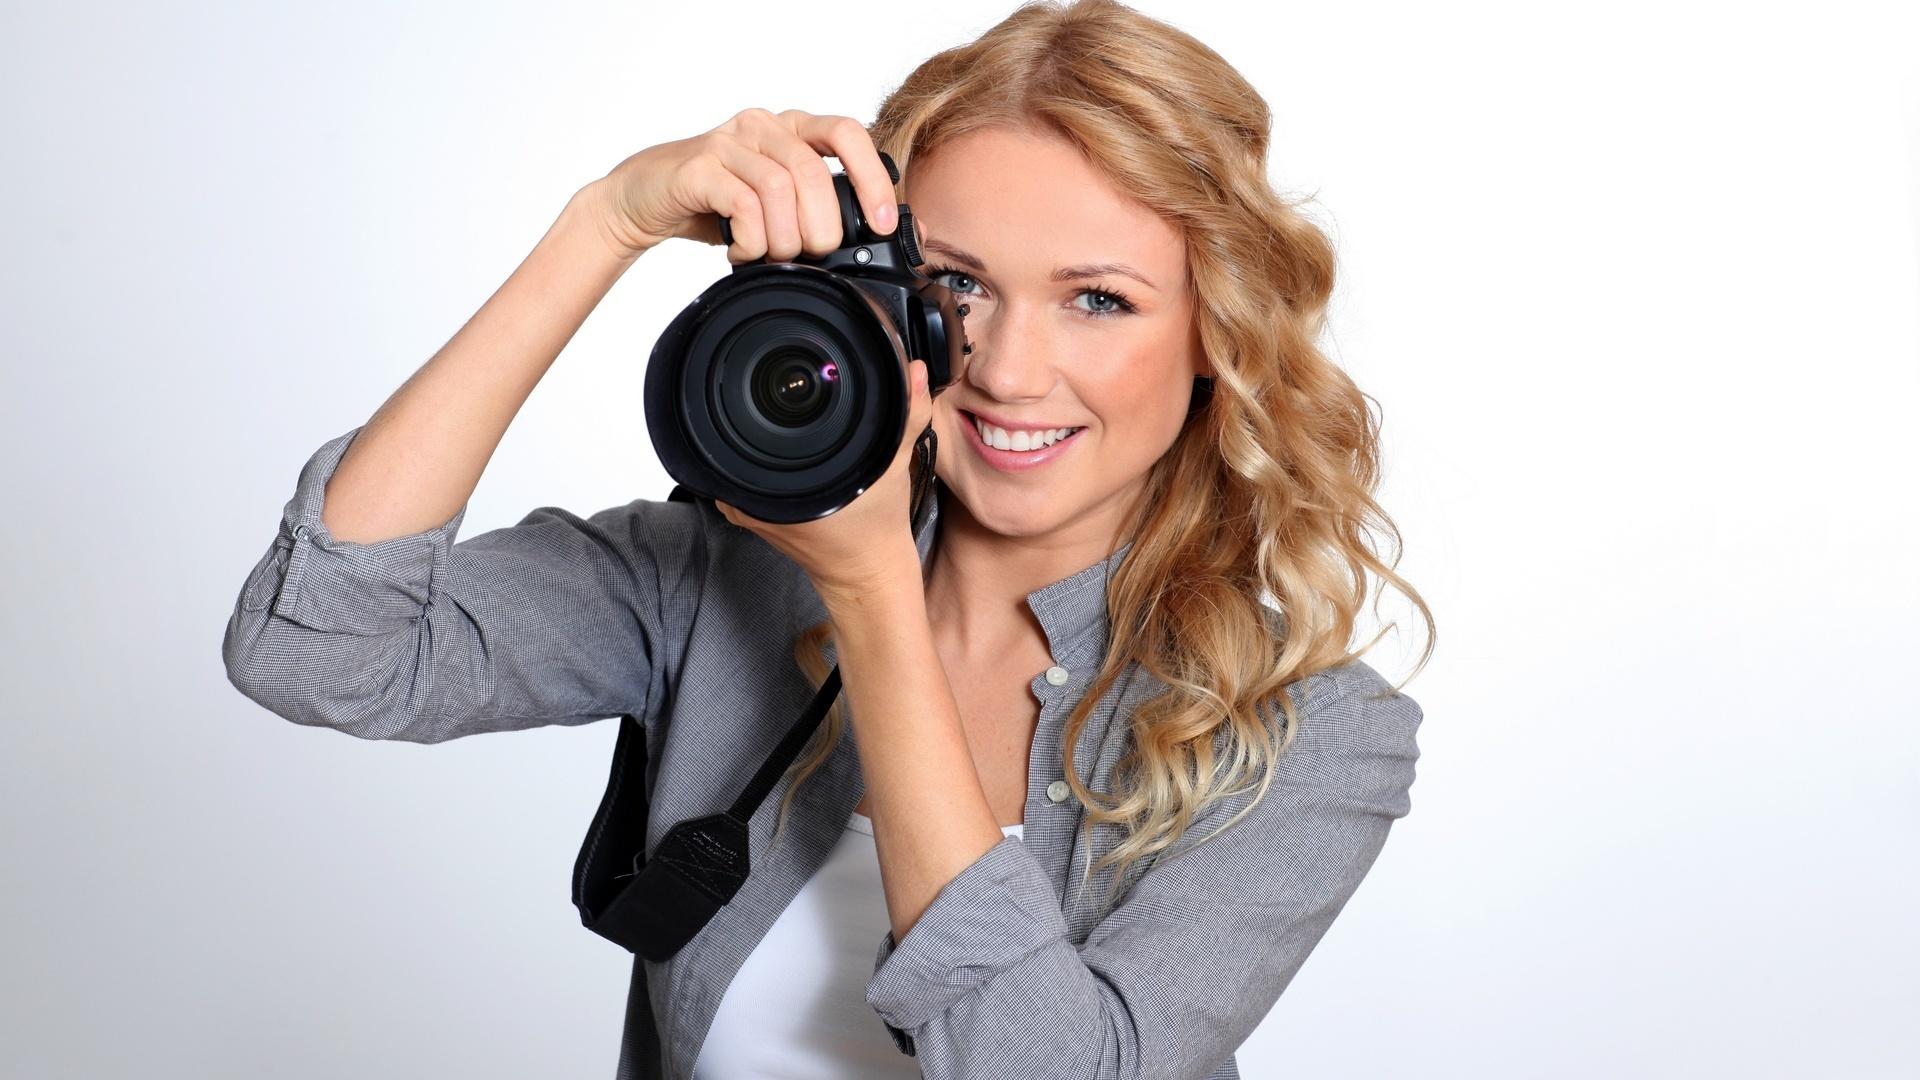 как заработать фотографу на портретах фото непривычный